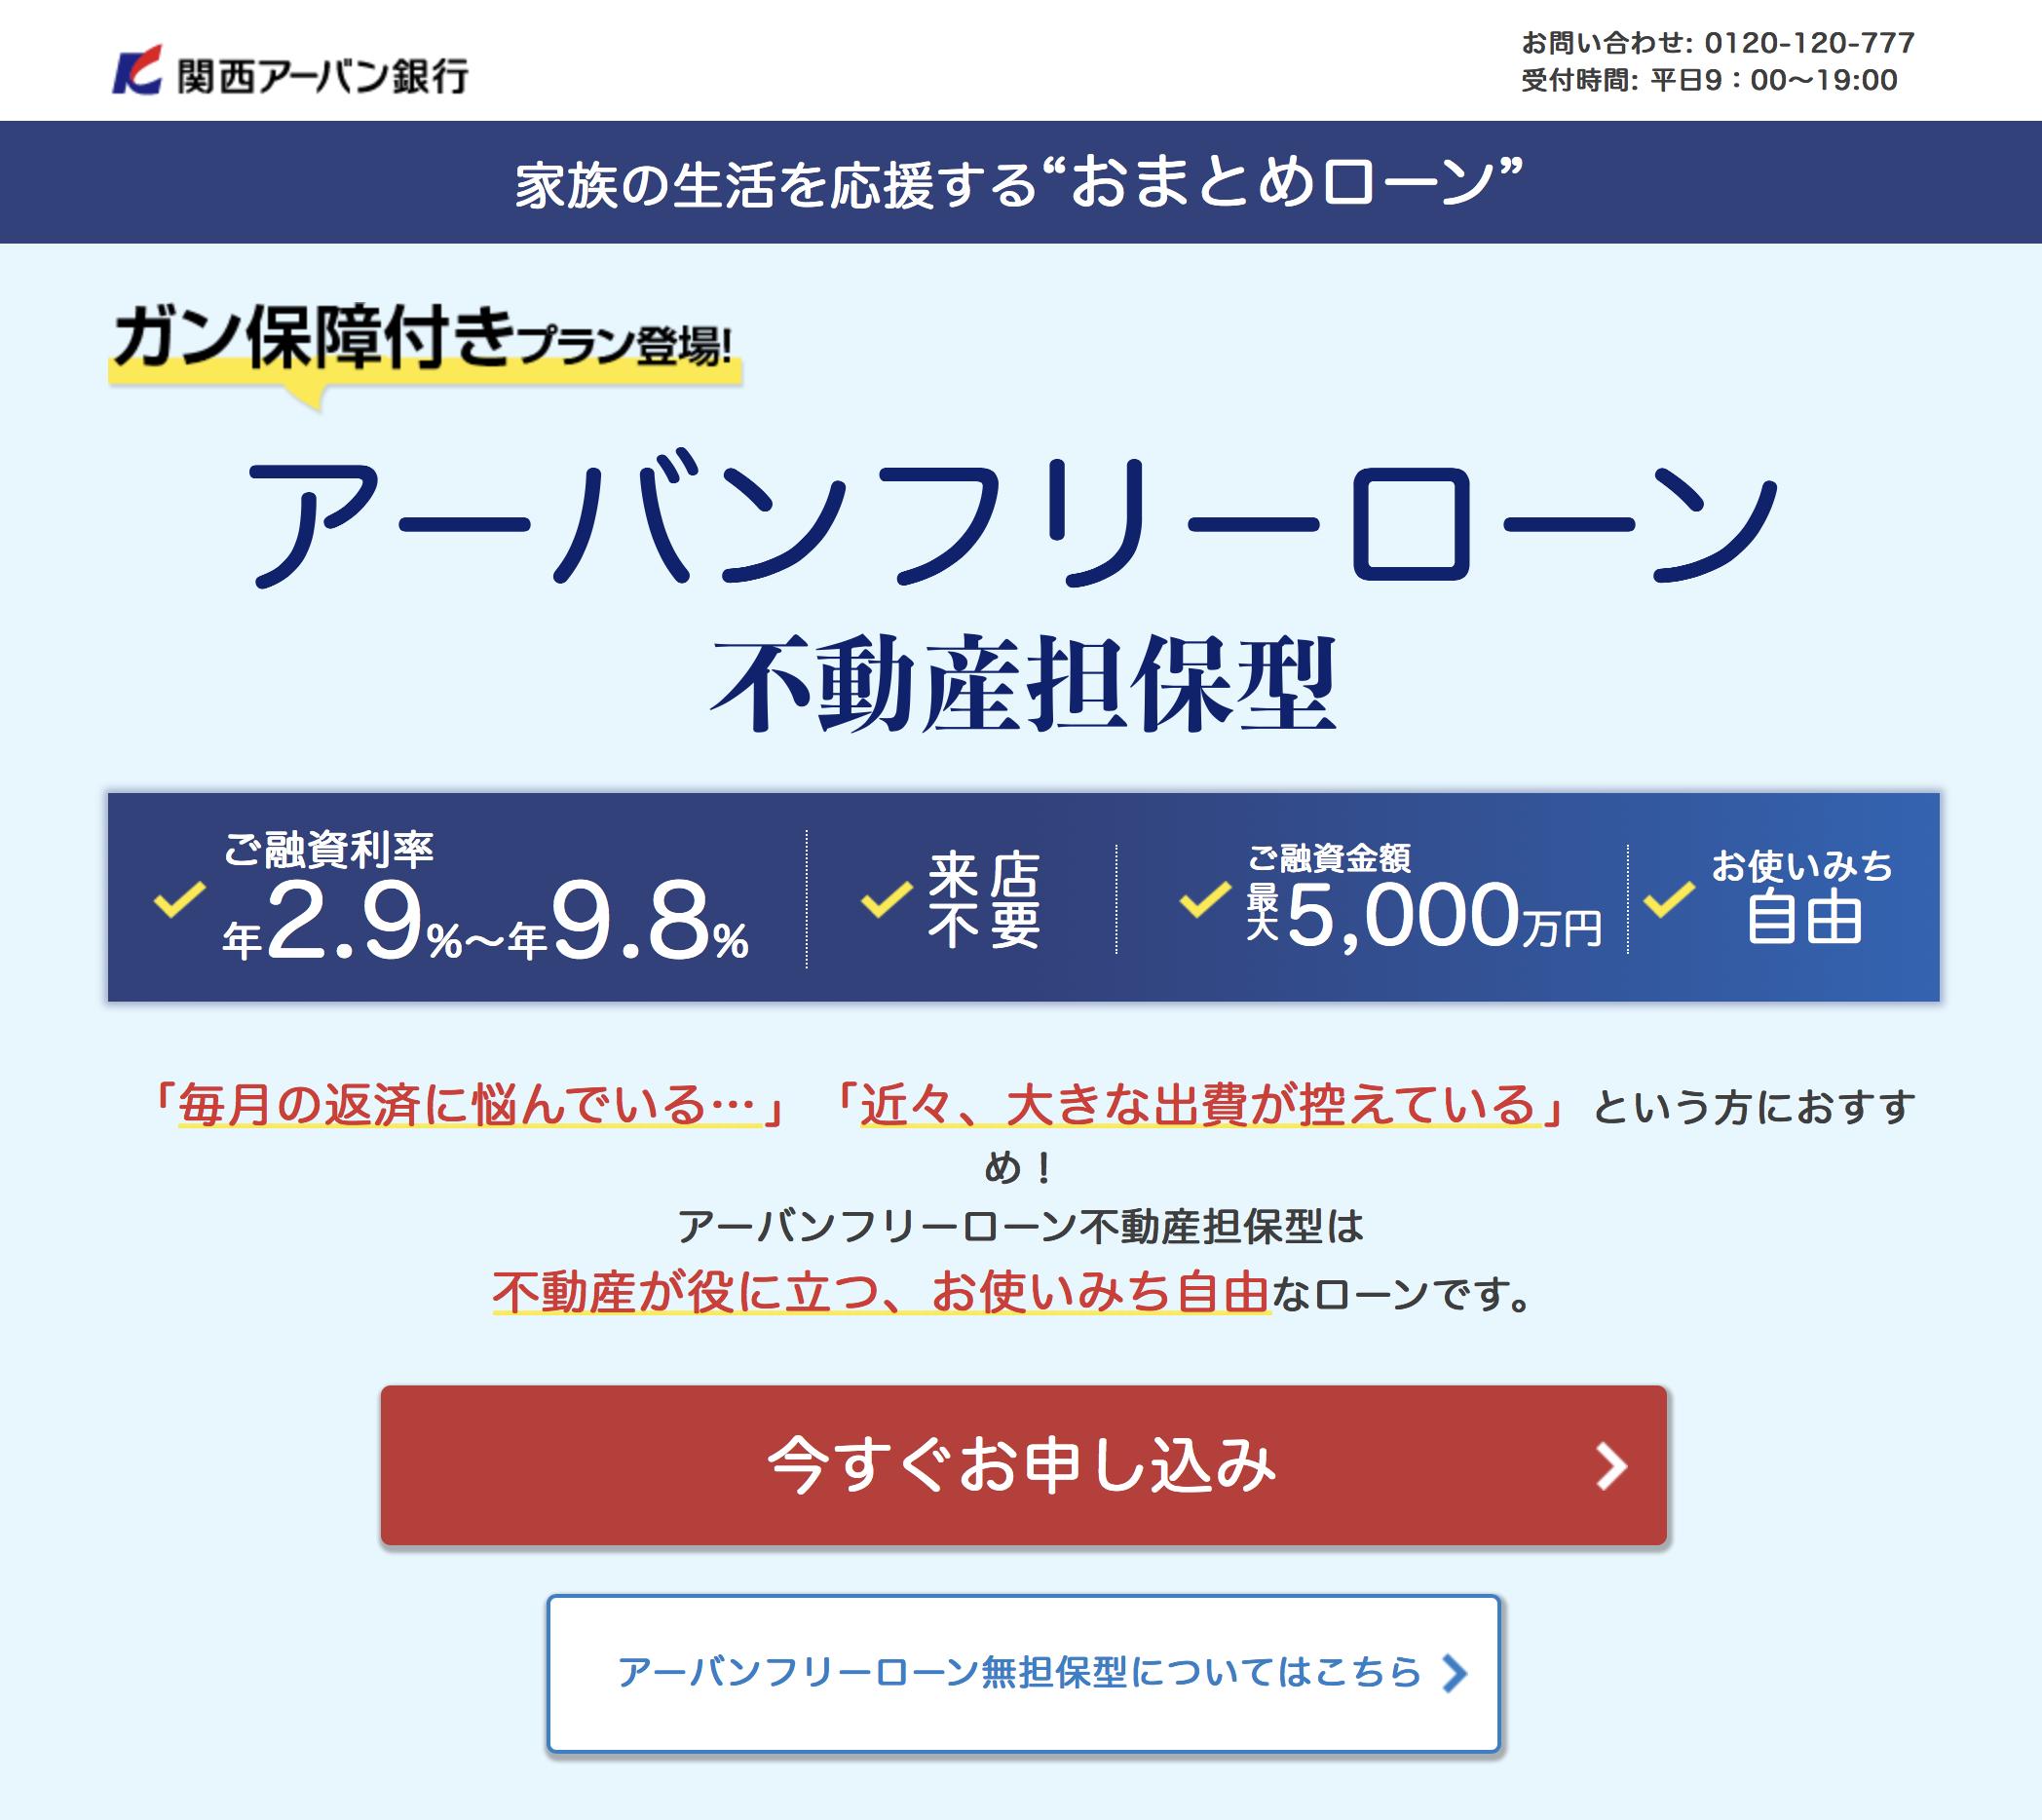 おまとめローン⑤ 関西アーバン銀行